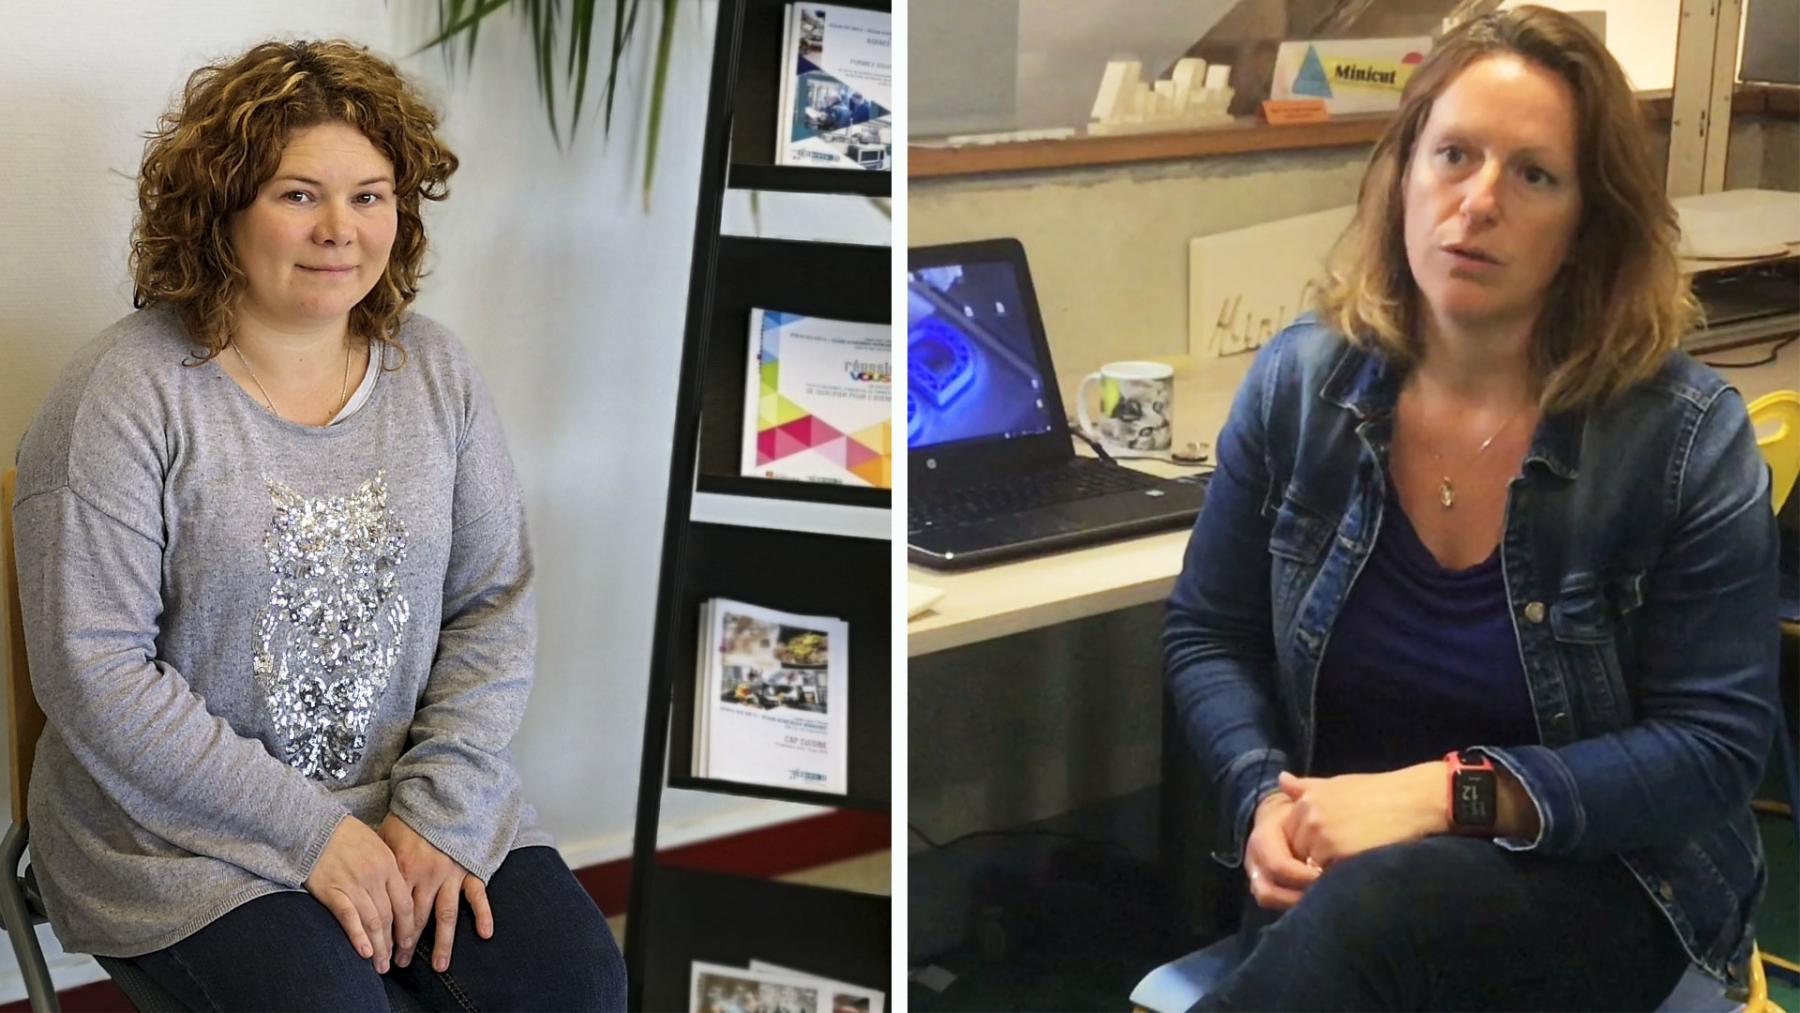 Les ateliers d'amélioration des compétences du partenaire de PONToon - les femmes interviewées dans l'industrie numérique